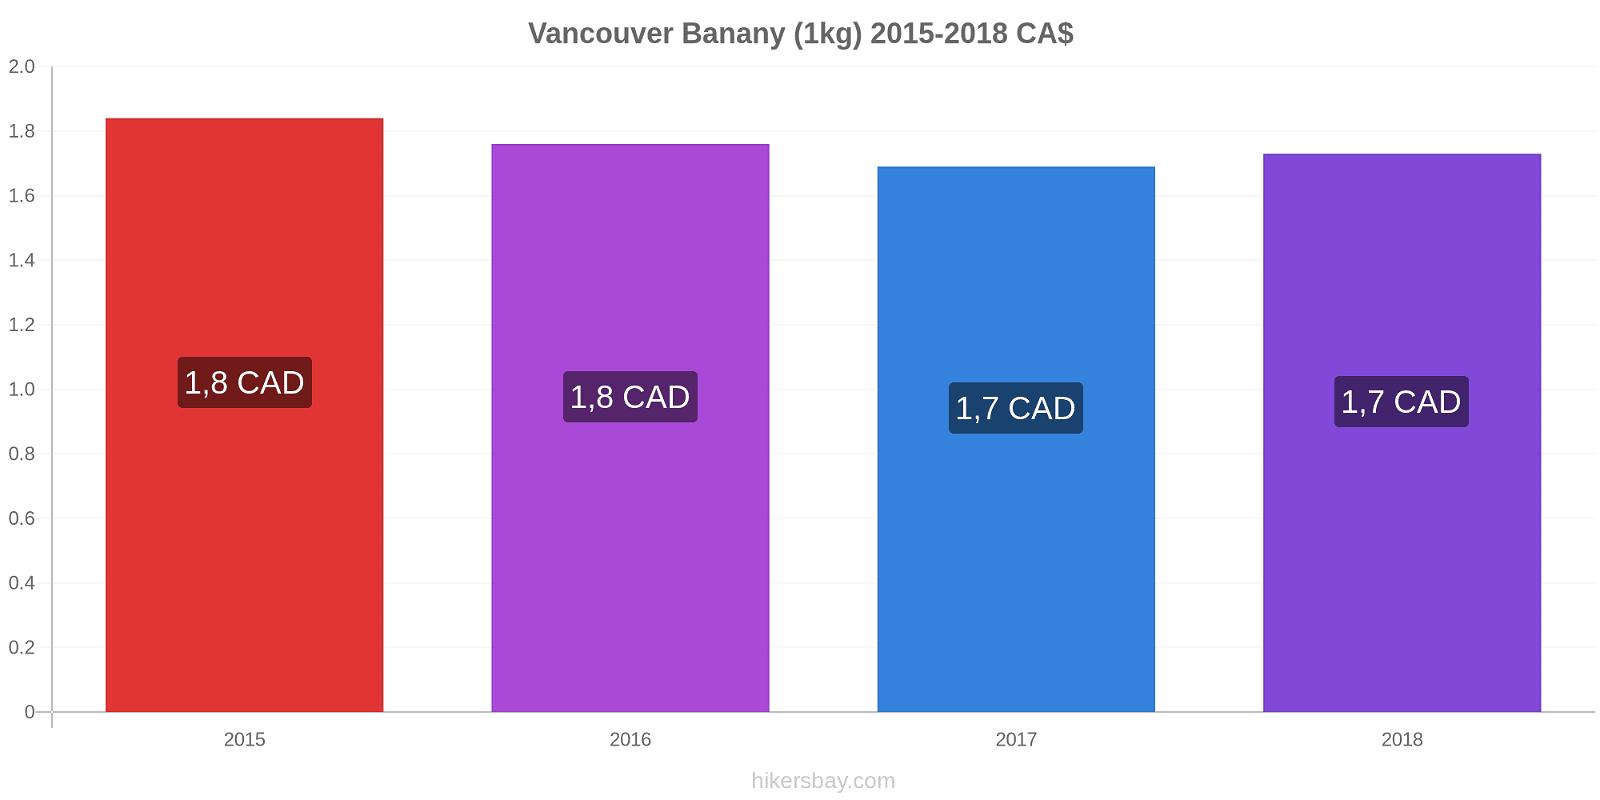 Vancouver zmiany cen Banany (1kg) hikersbay.com